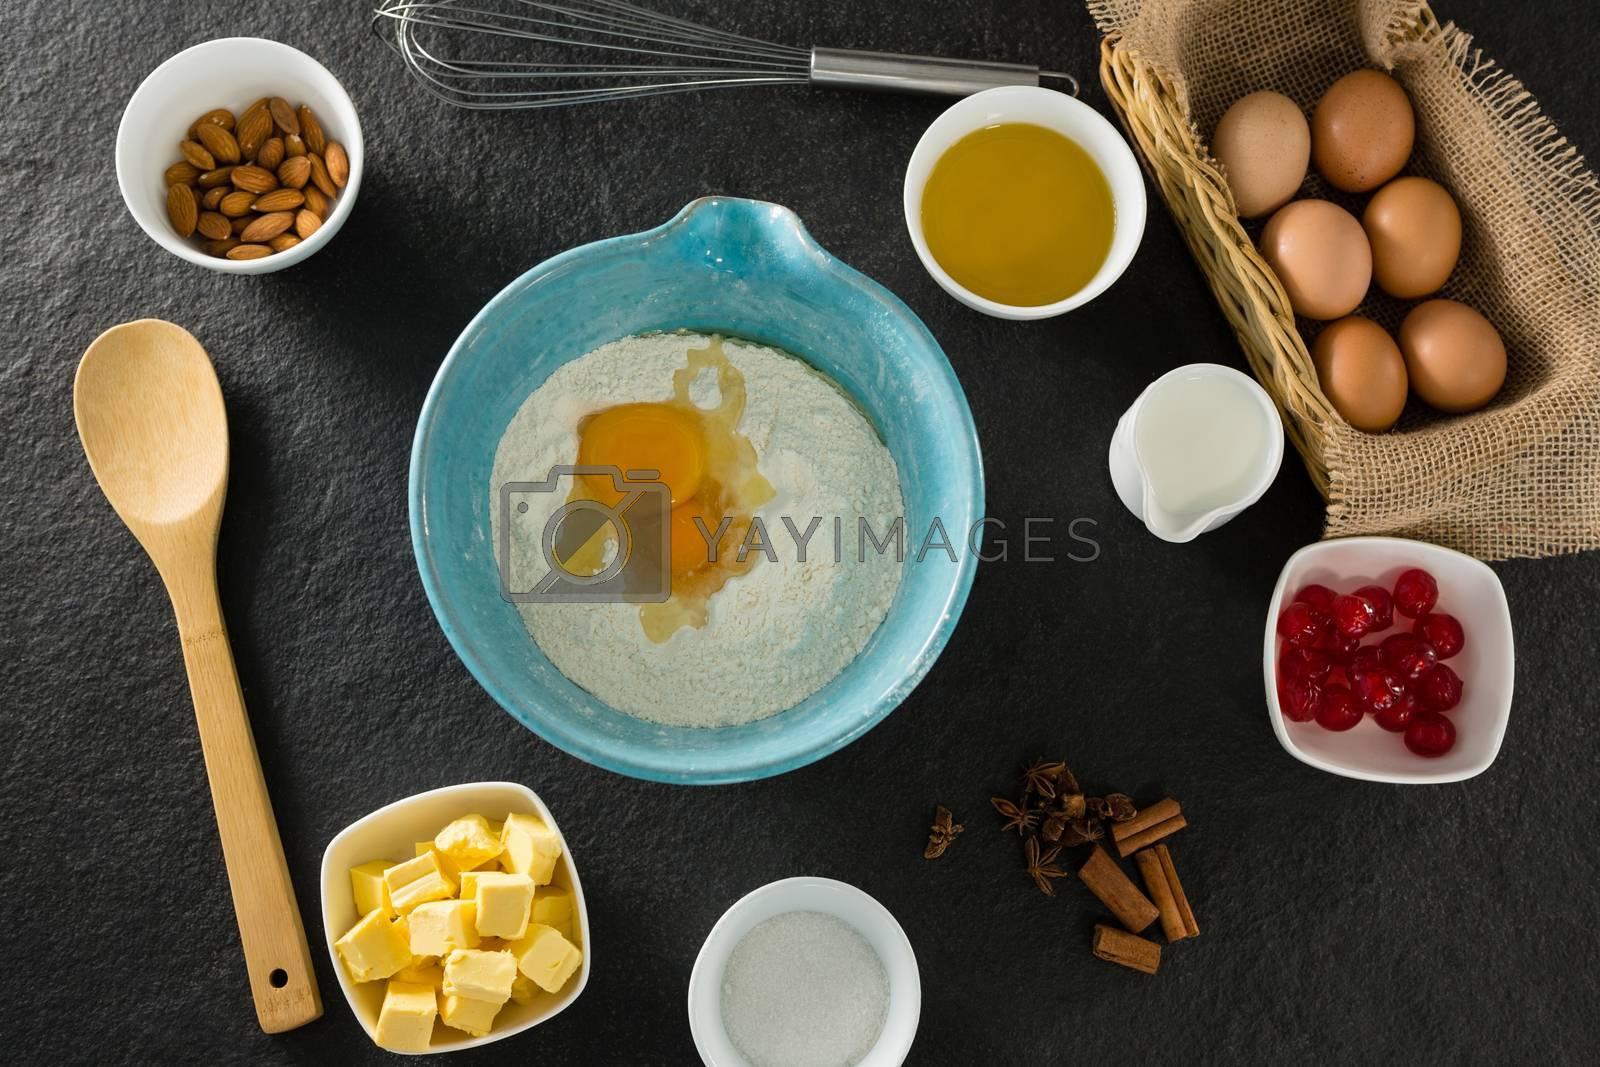 Gingerbread cookies ingredients on a table by Wavebreakmedia